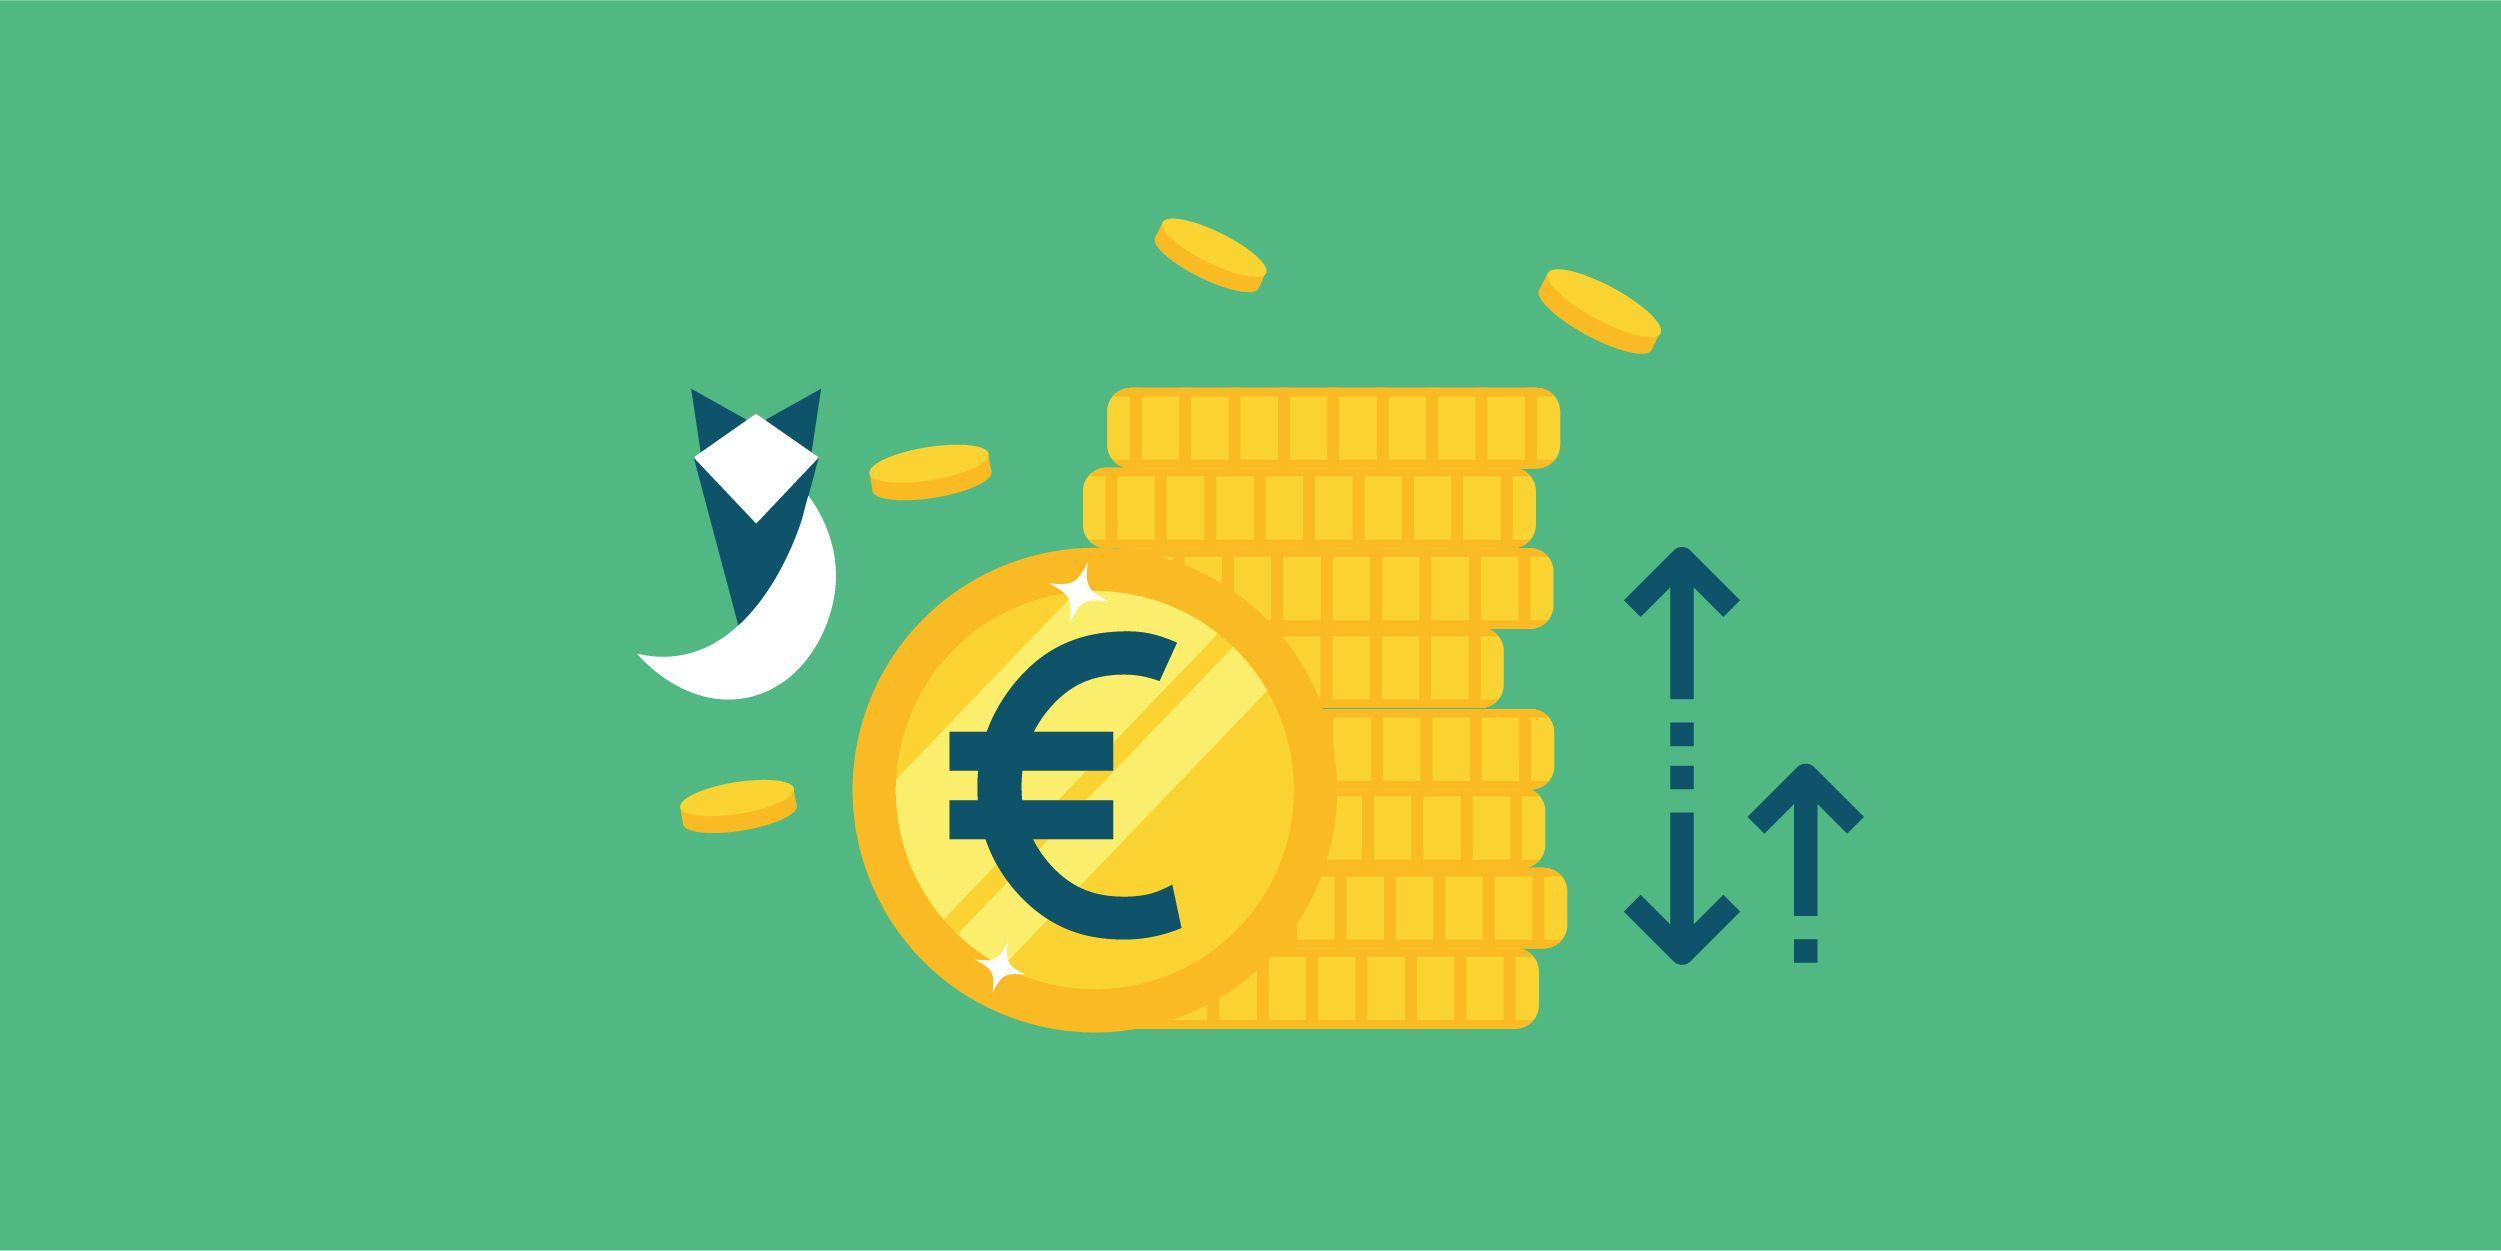 أسعار اليورو في البنوك المصرية اليوم 31 أغسطس 2021